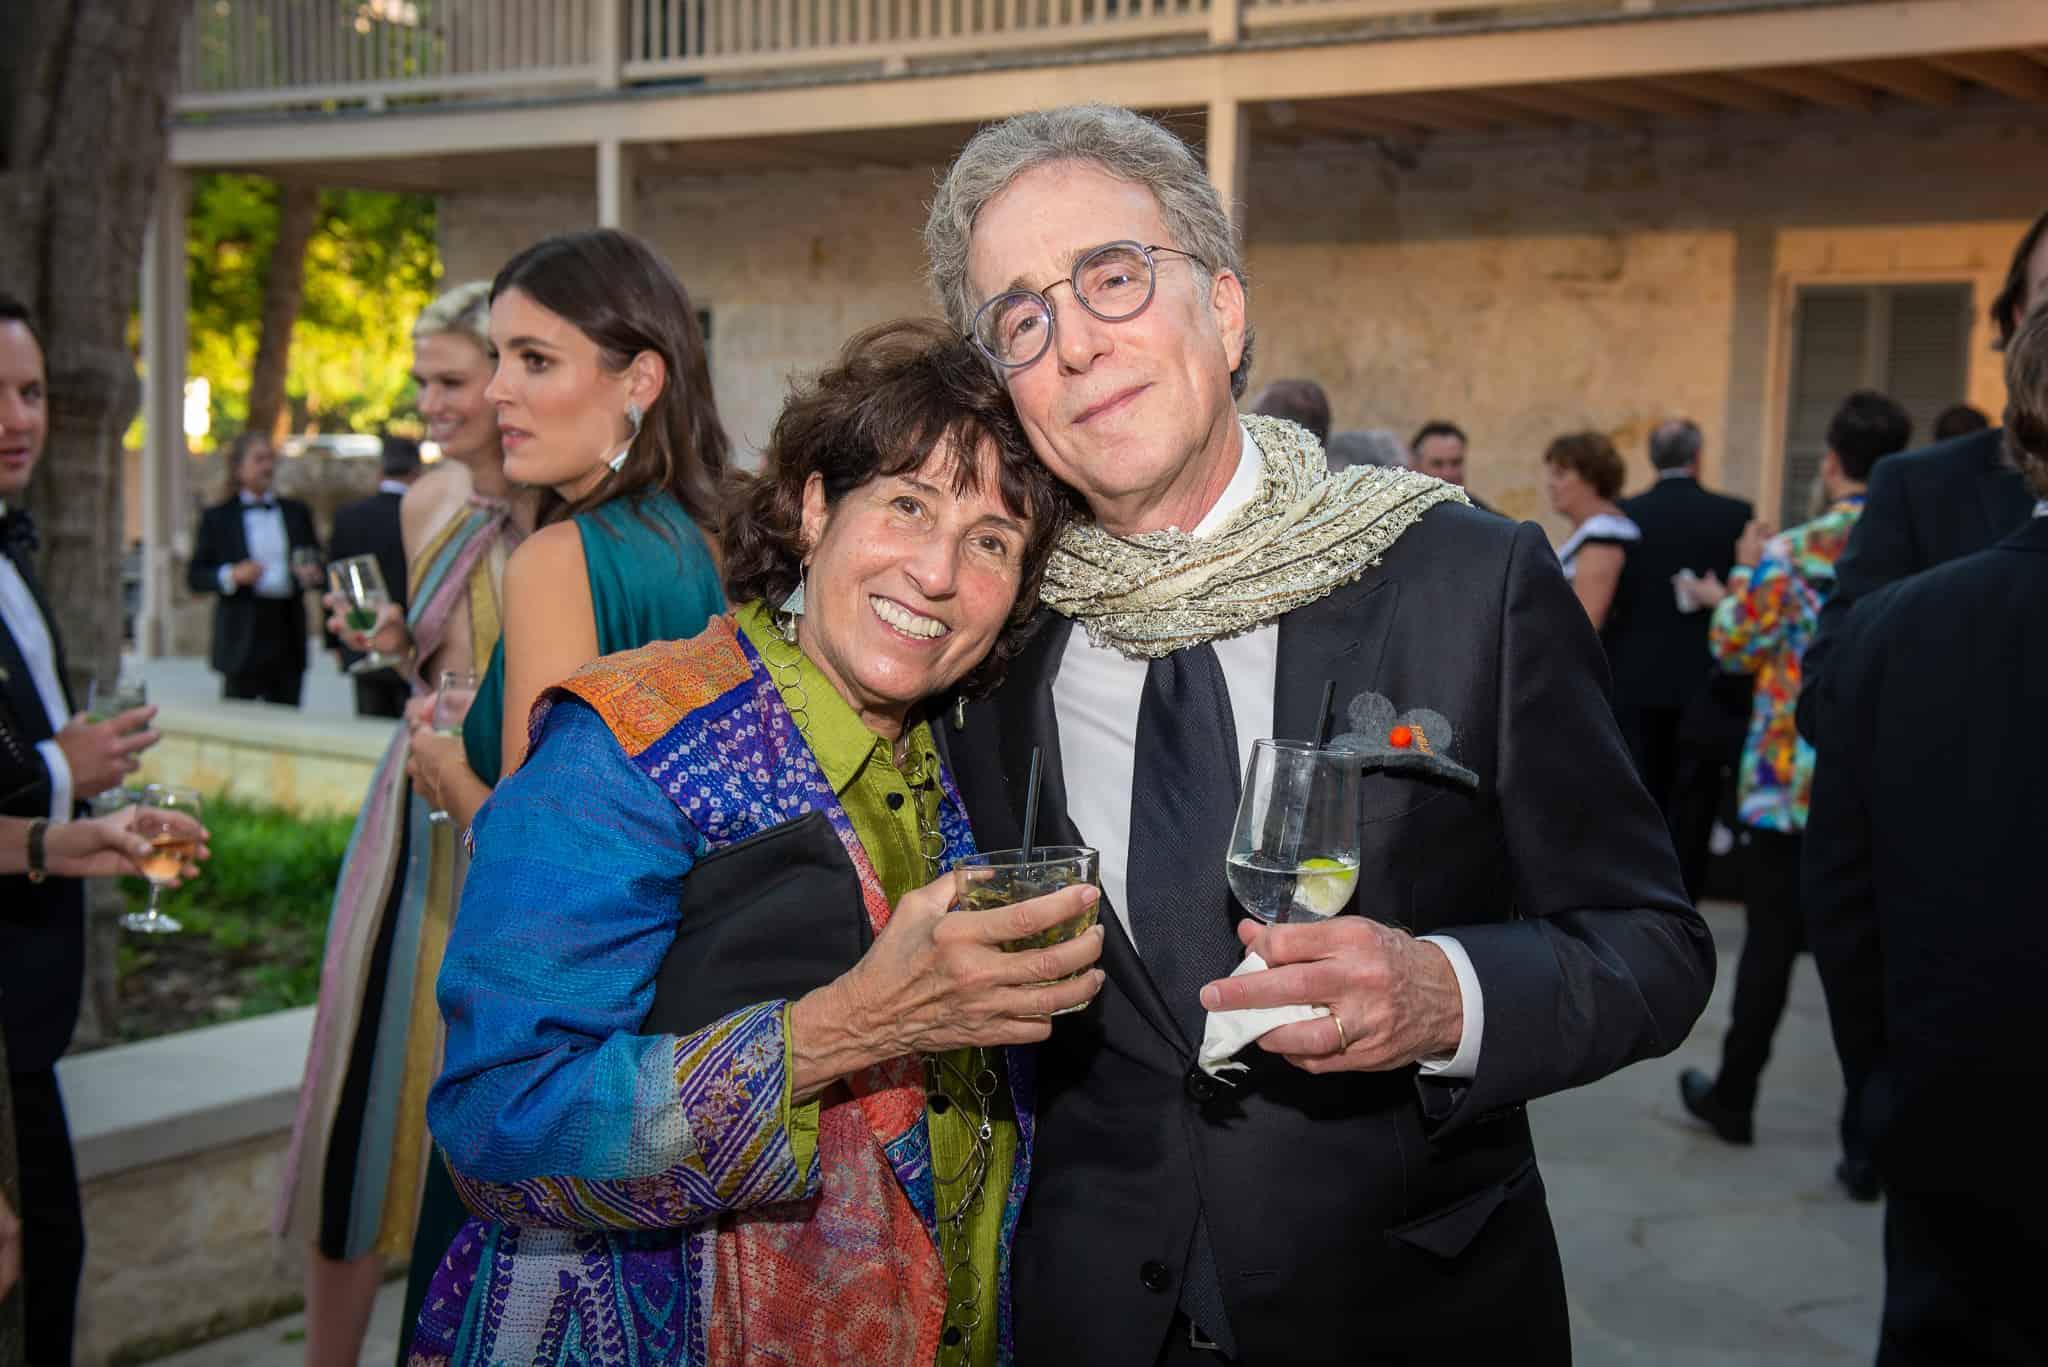 Dr. Gemma Kennedy and Dr. Bradley Kayser